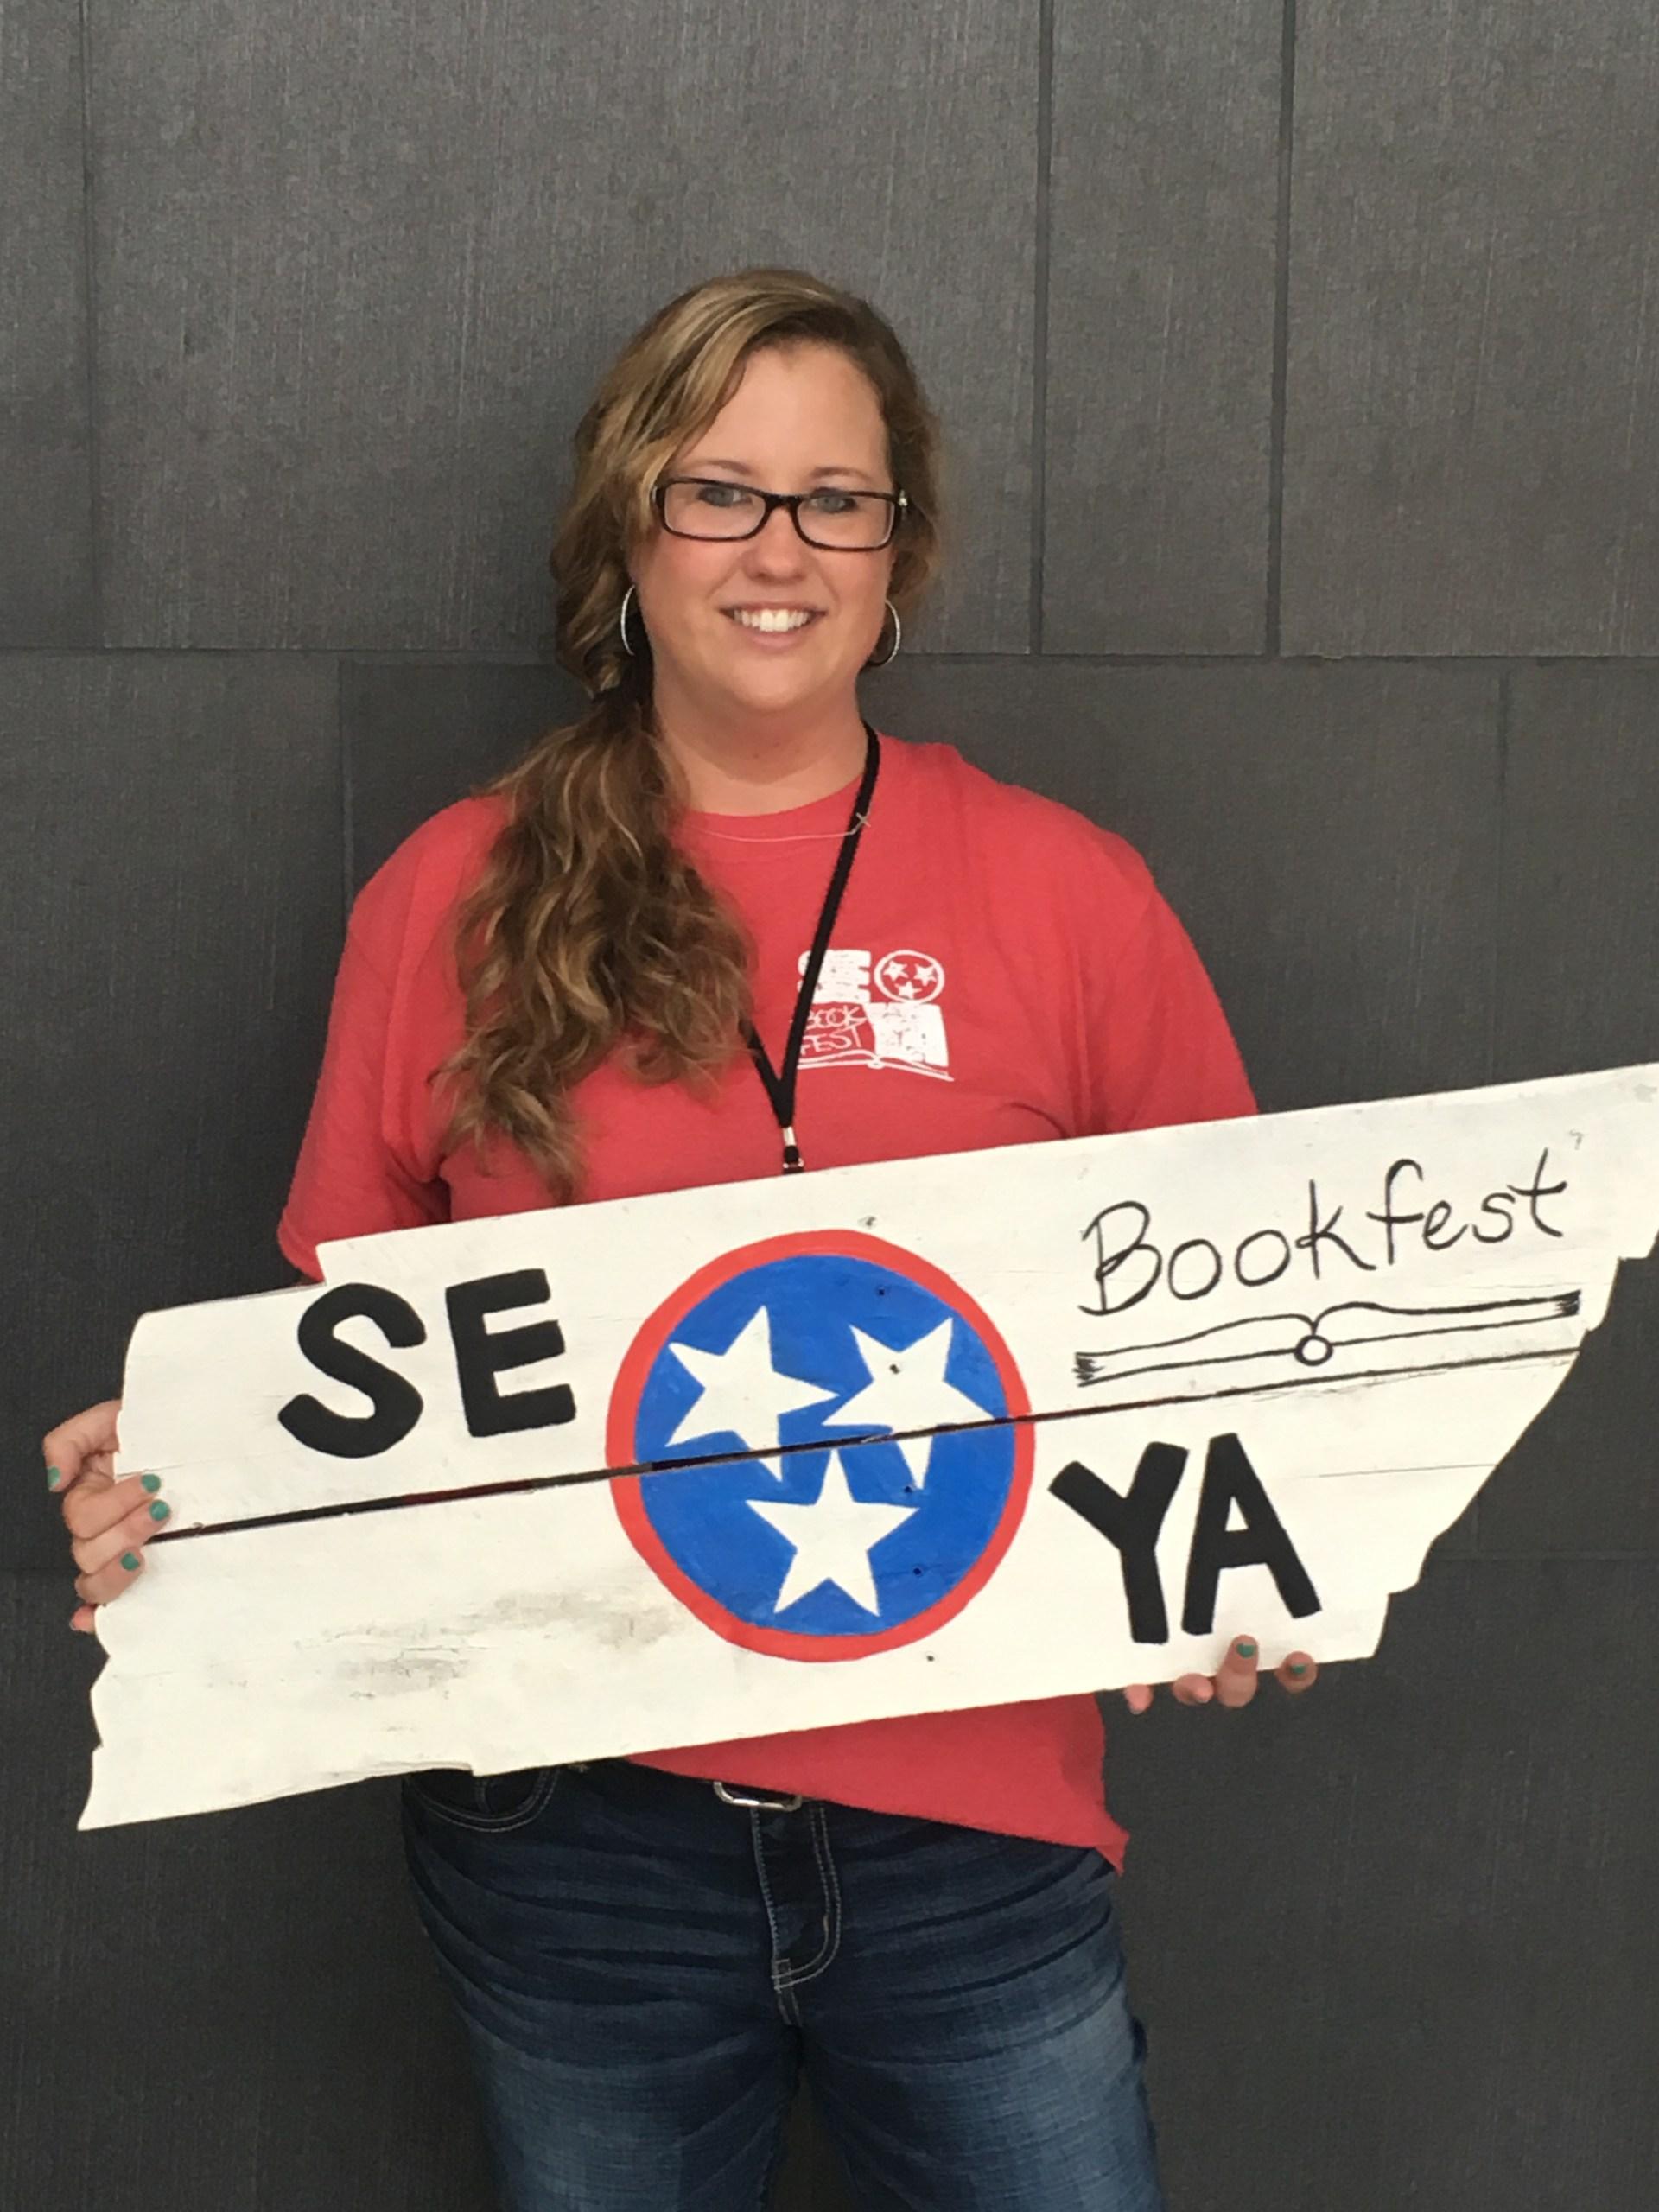 Ms. Rein as a SEYA volunteer 2016